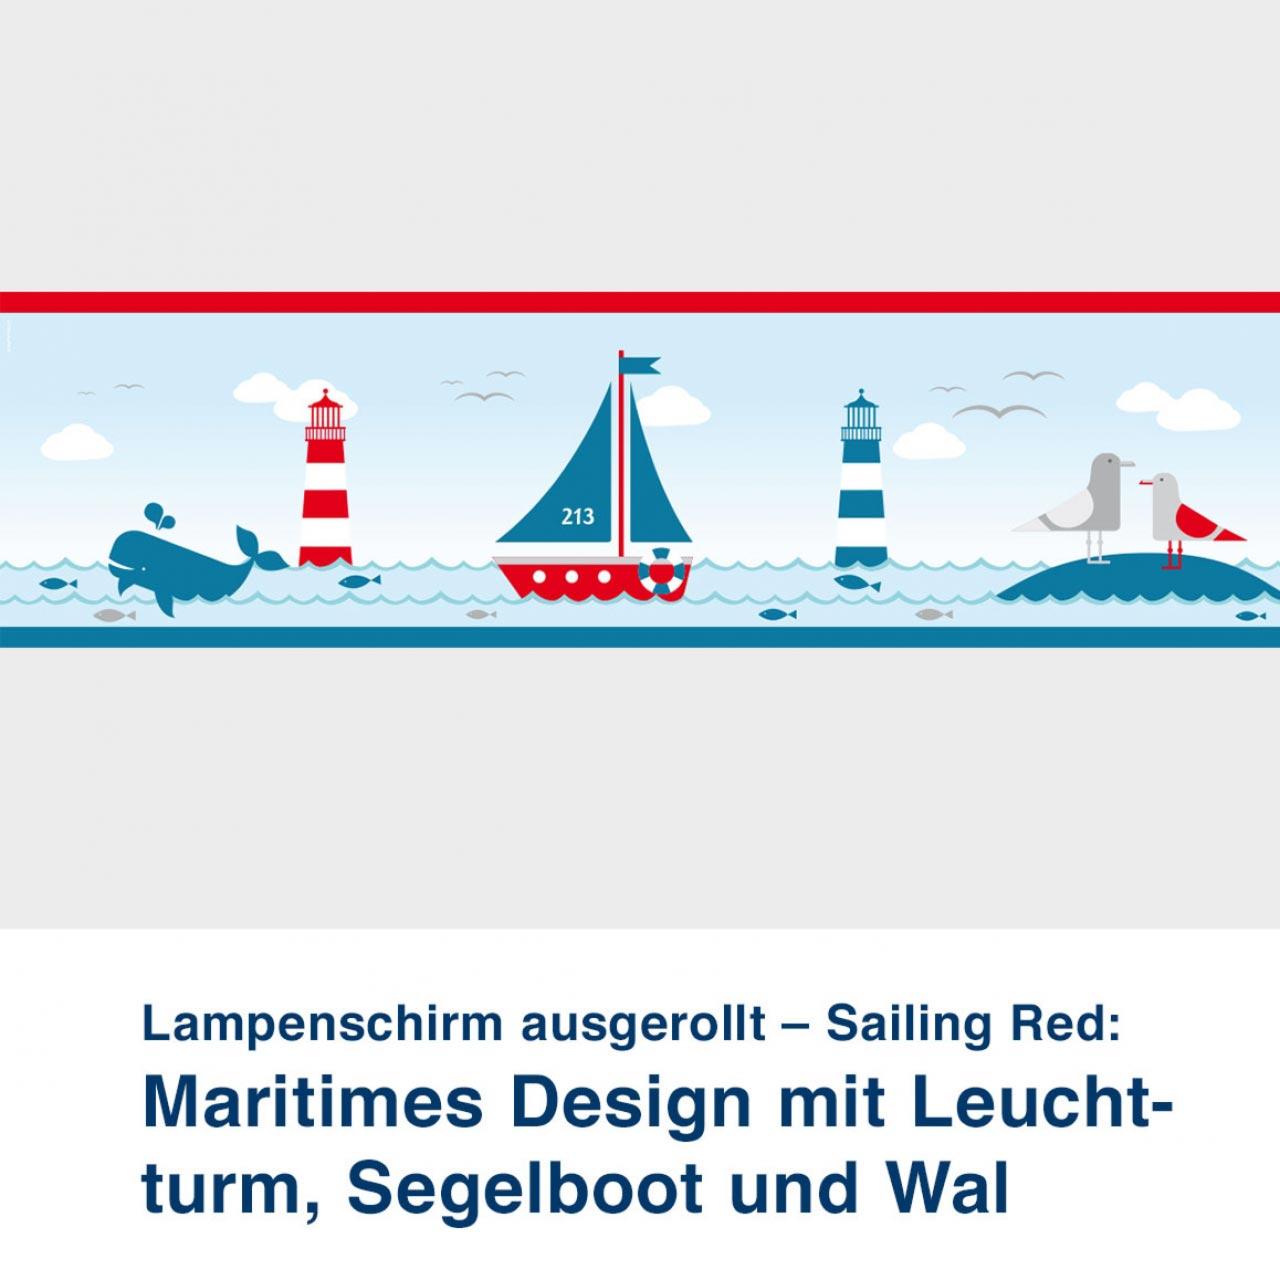 Lampenschirm ausgerollt, im maritimen Design mit Leuchtturm, Sailing Red - ø 16 cm x 13,8 cm